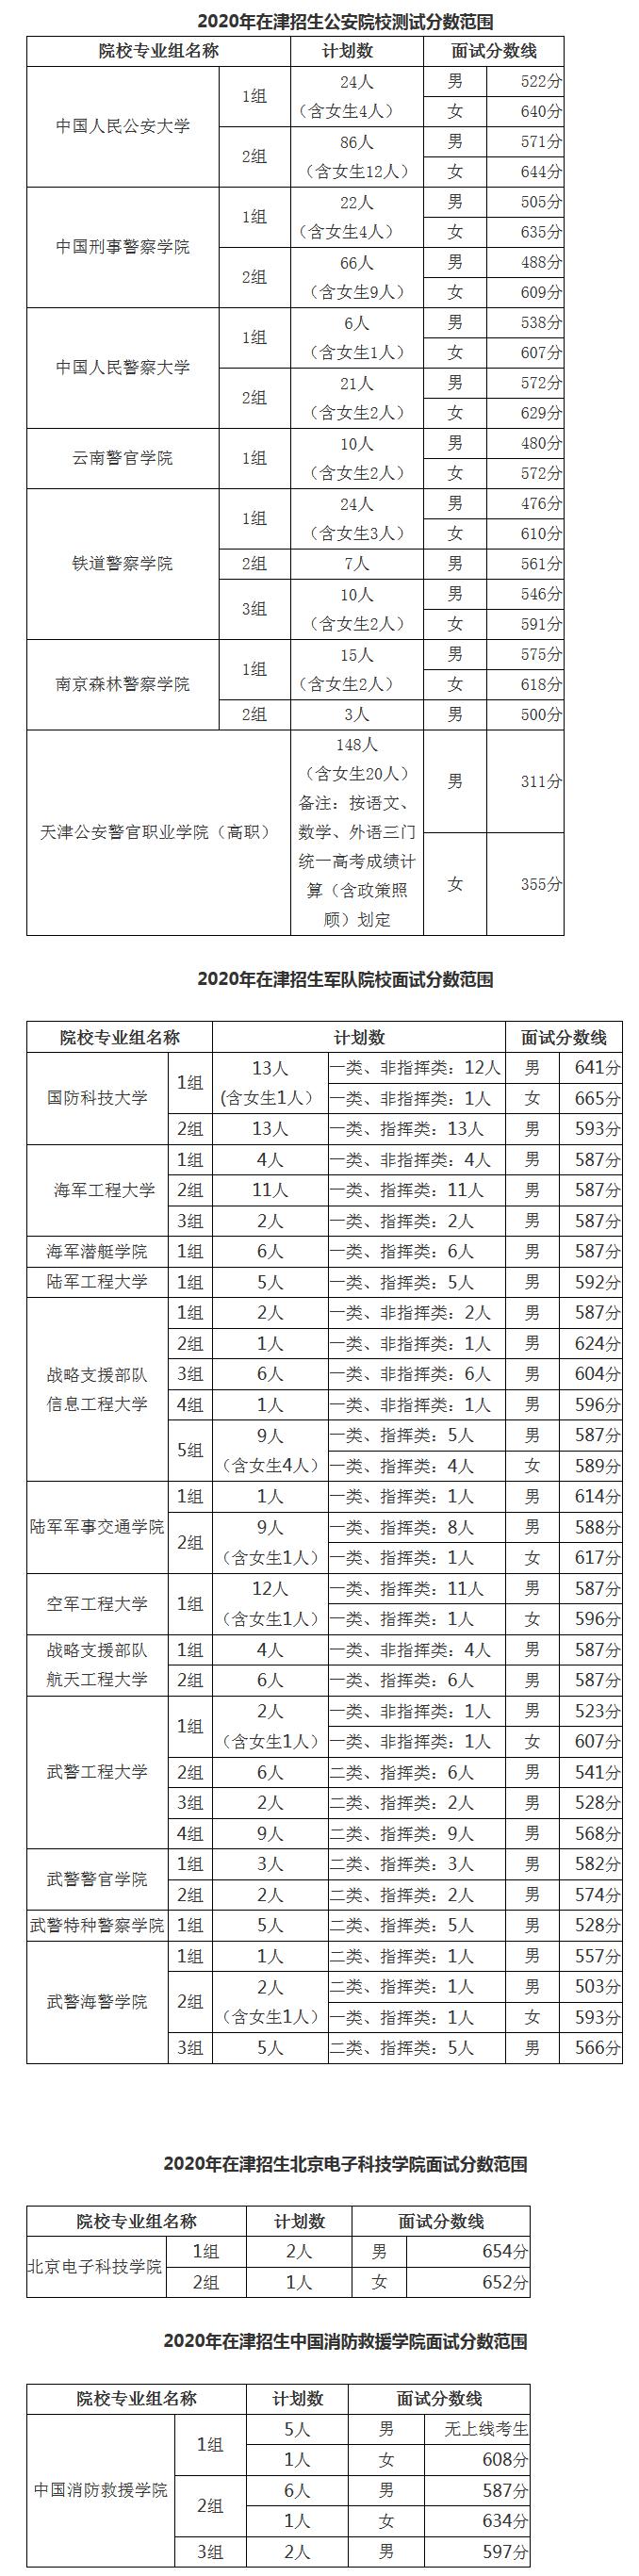 2020年天津在津招生军事、公安等招生院校面试分数范围确定